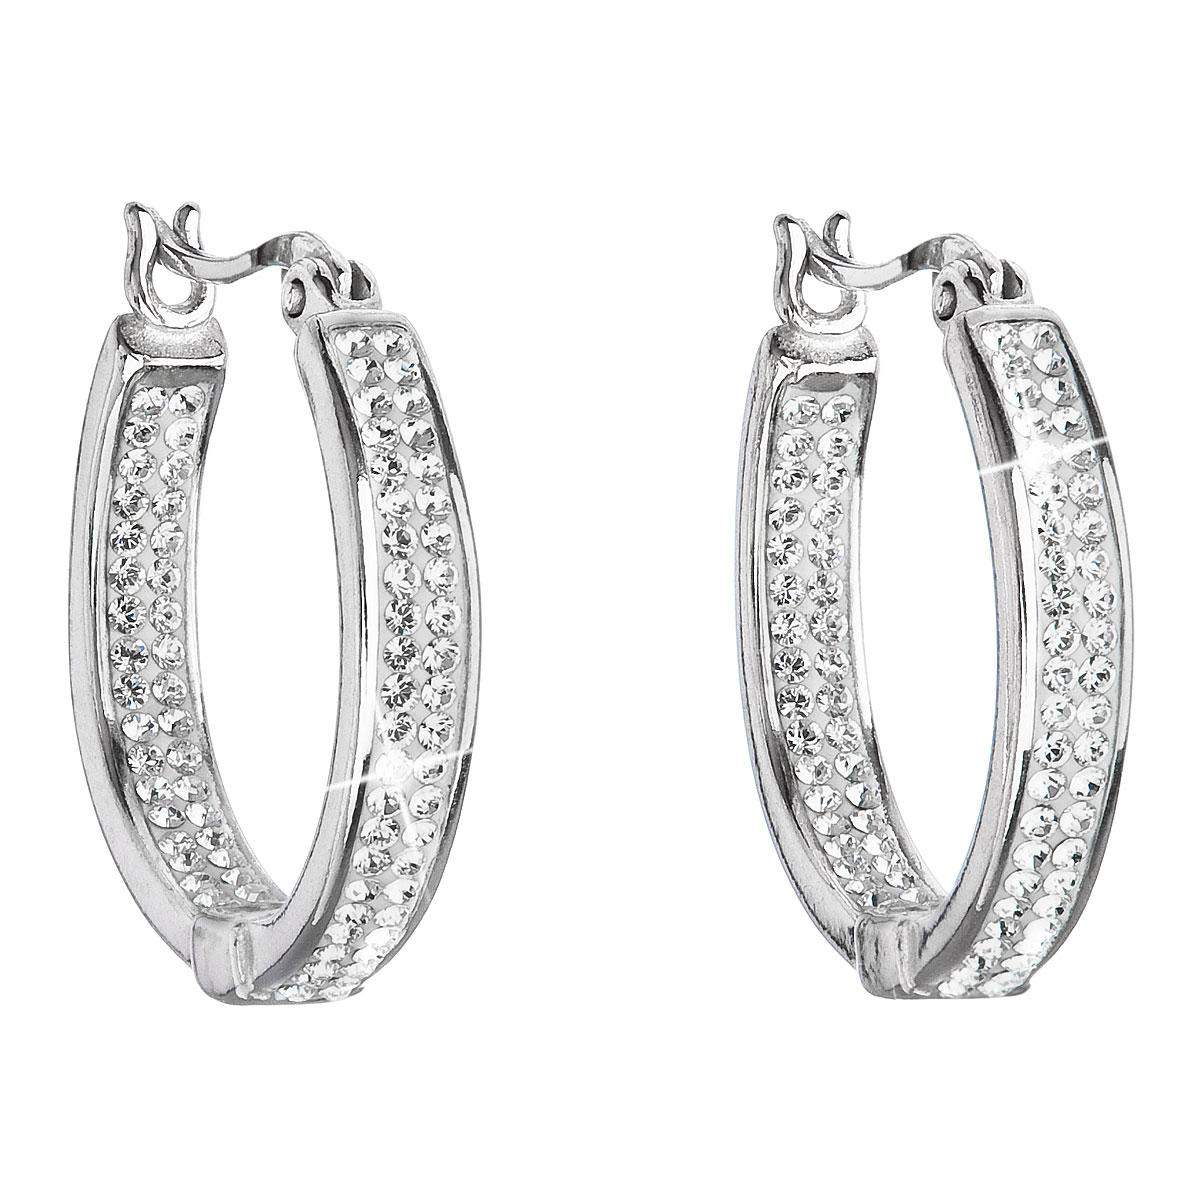 Stříbrné náušnice kruhy s krystaly Swarovski bílý kruh 31121.1